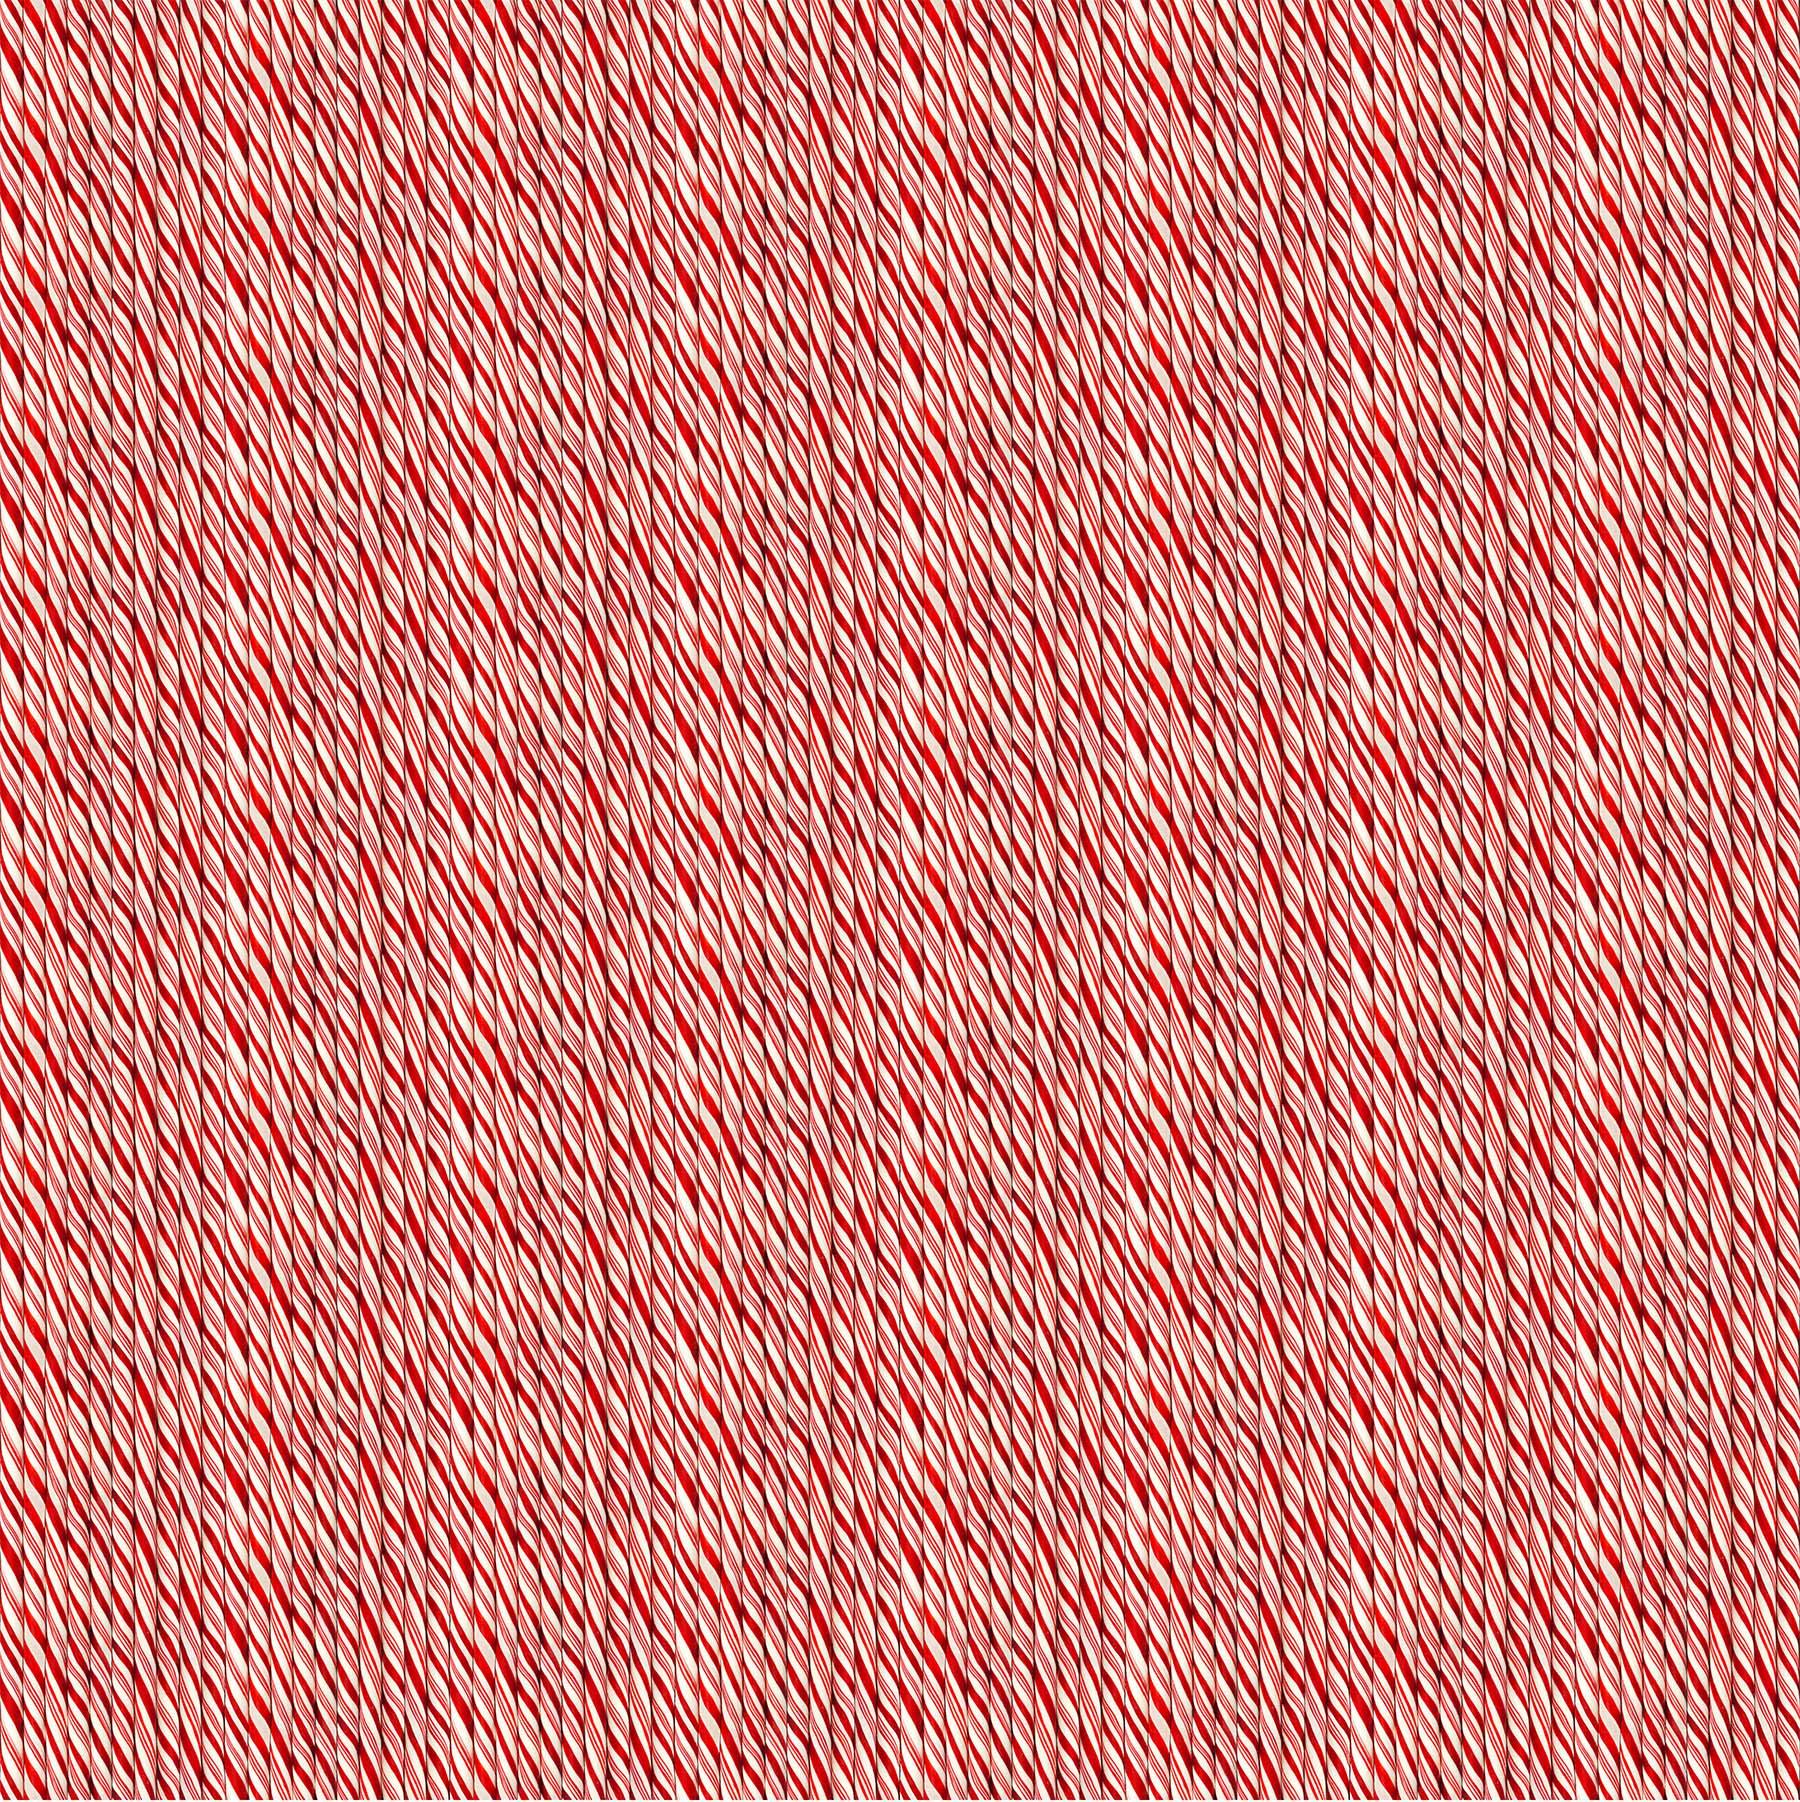 NORTH- Here Come Santa Red/White Candy Cane Stripe